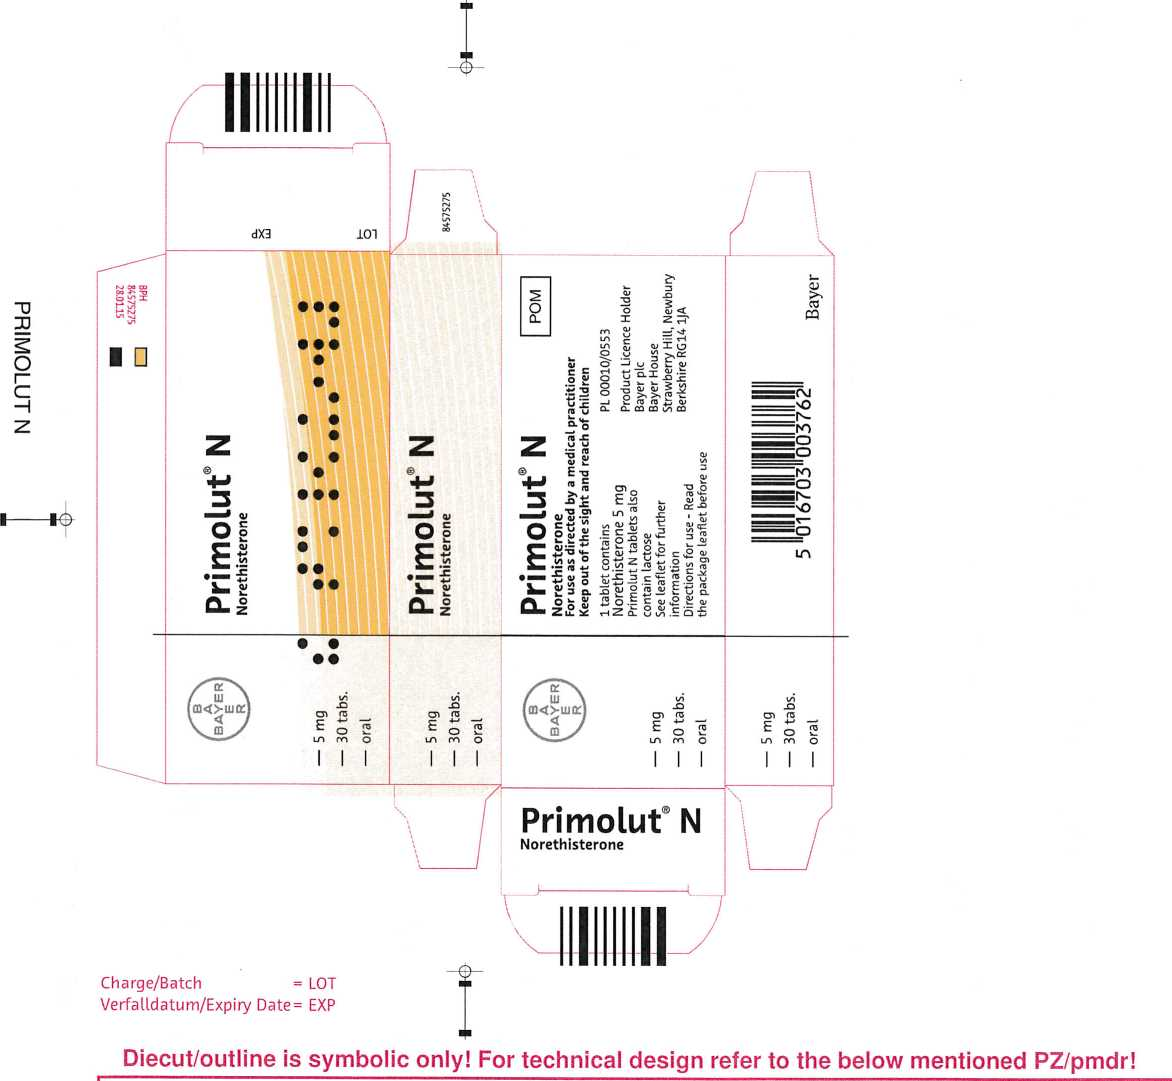 Primolut N - Leaflet